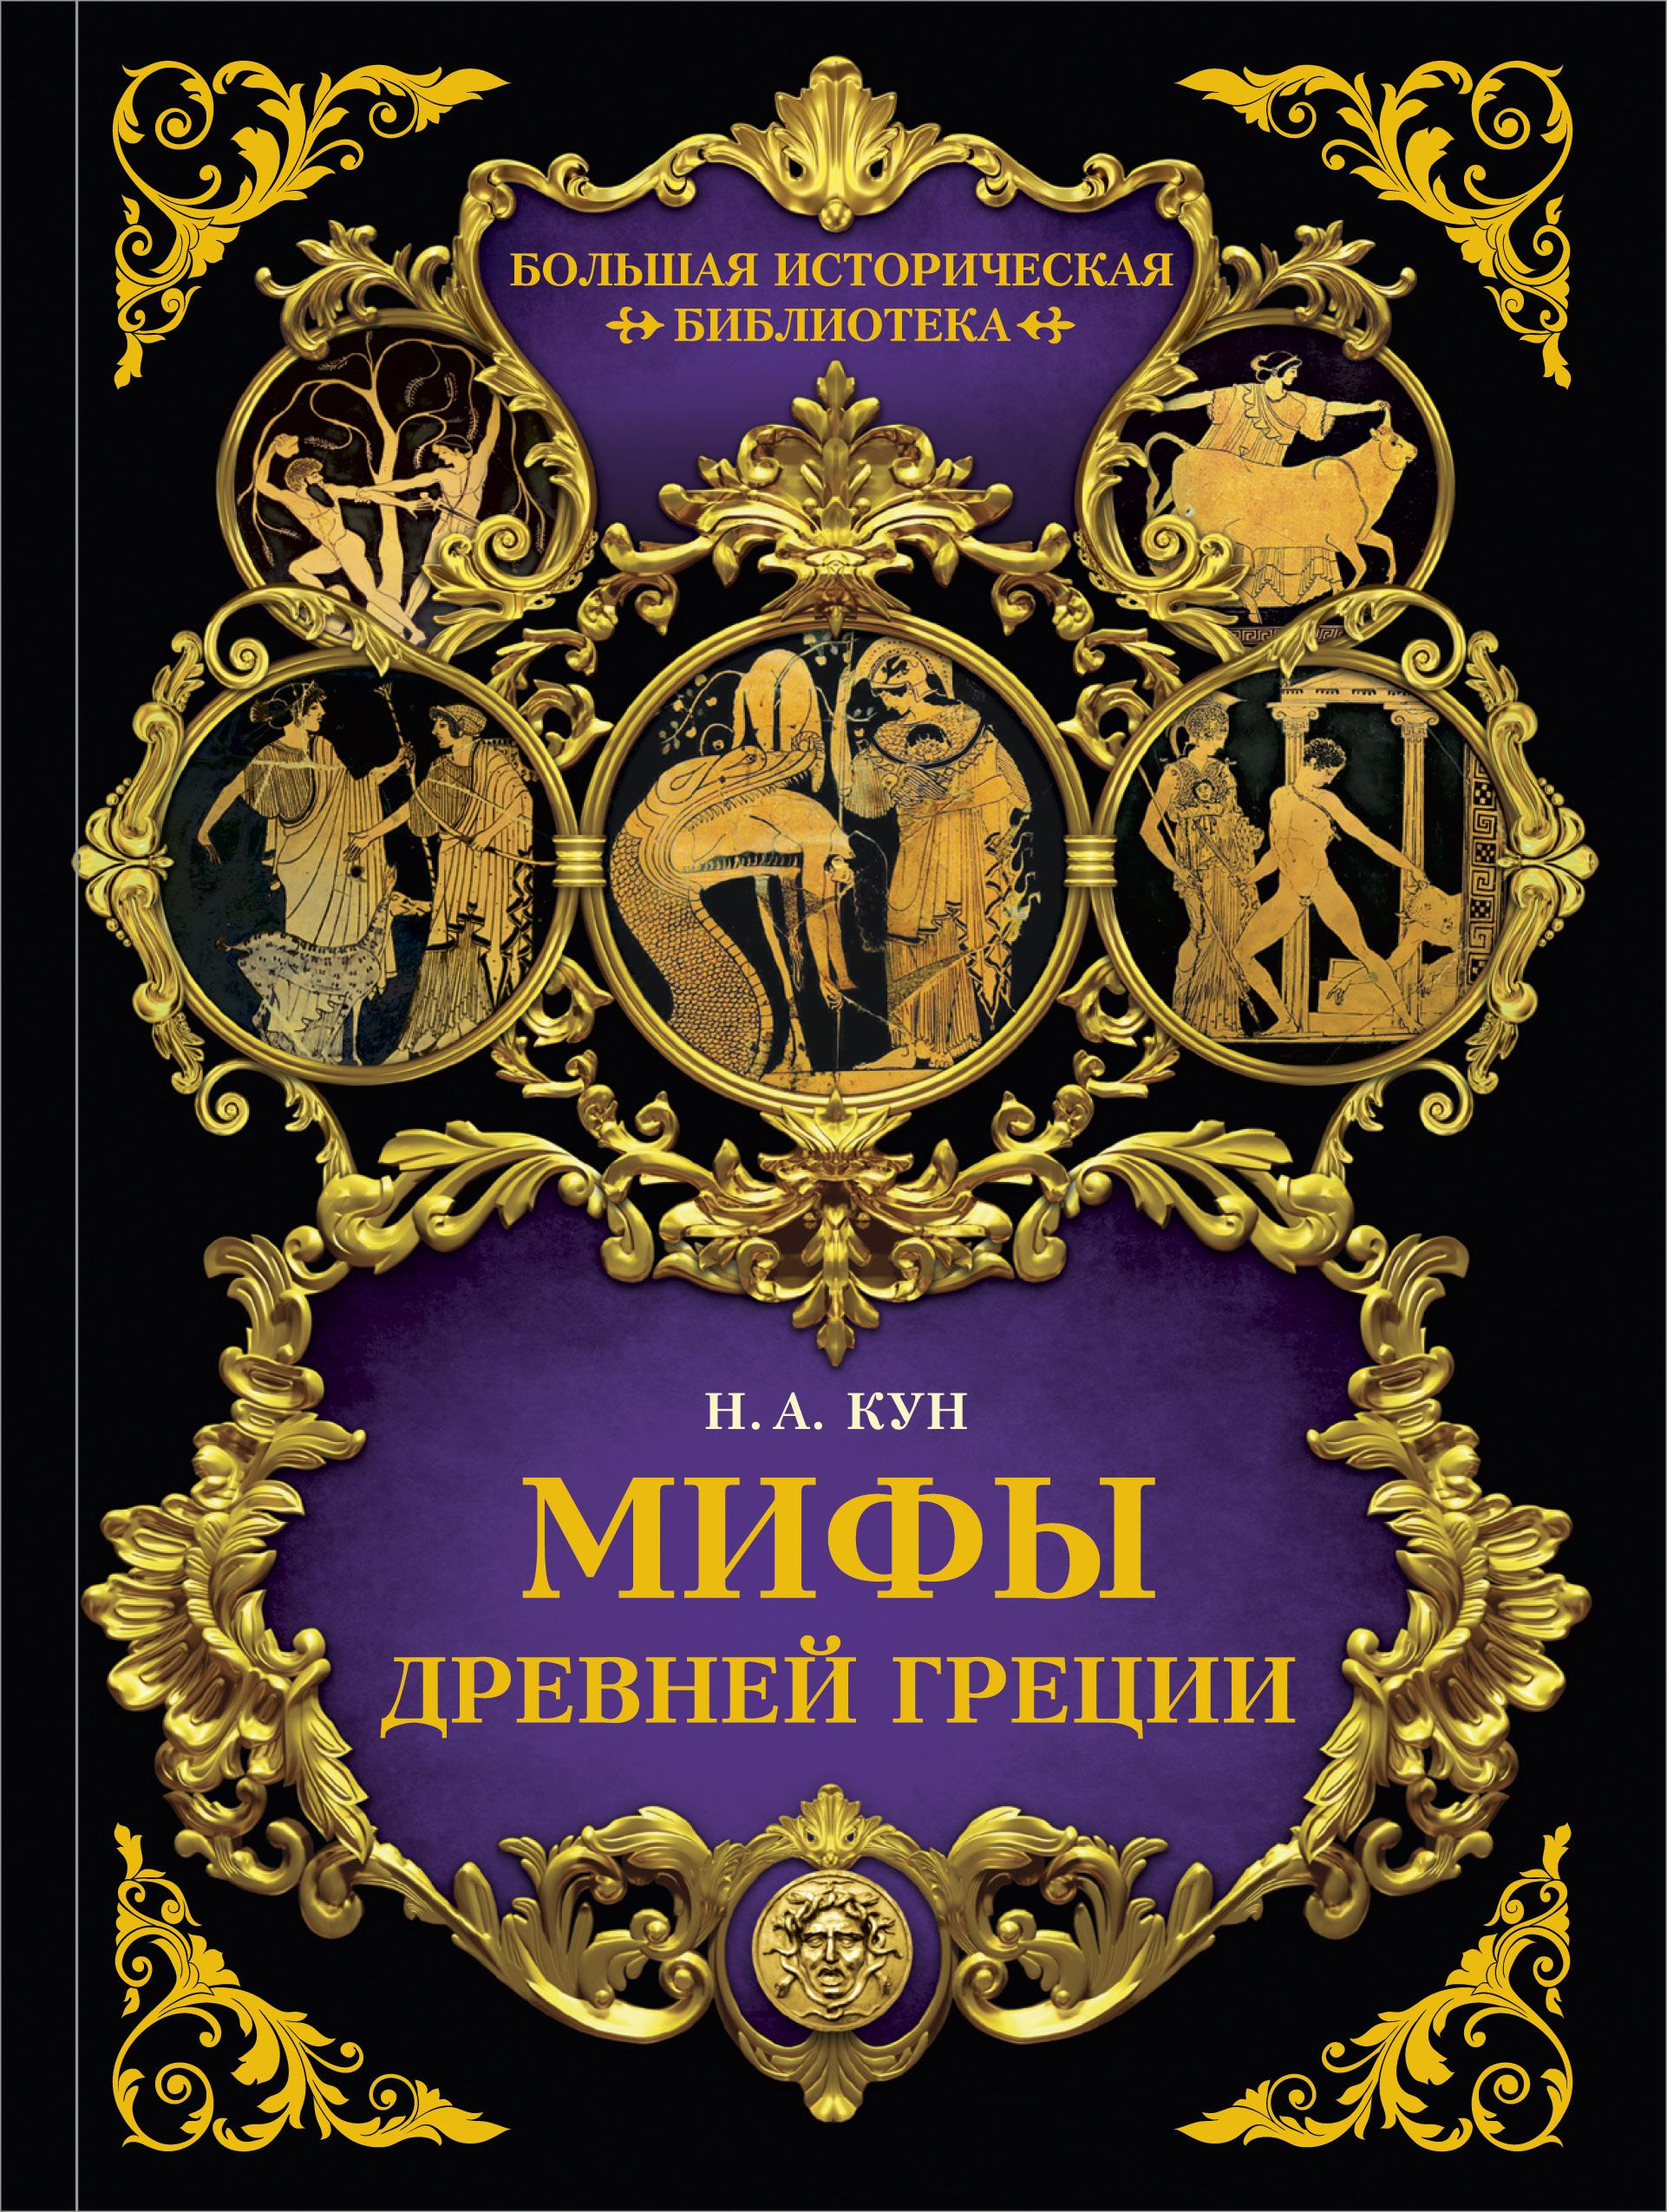 Мифология древней греции скачать fb2